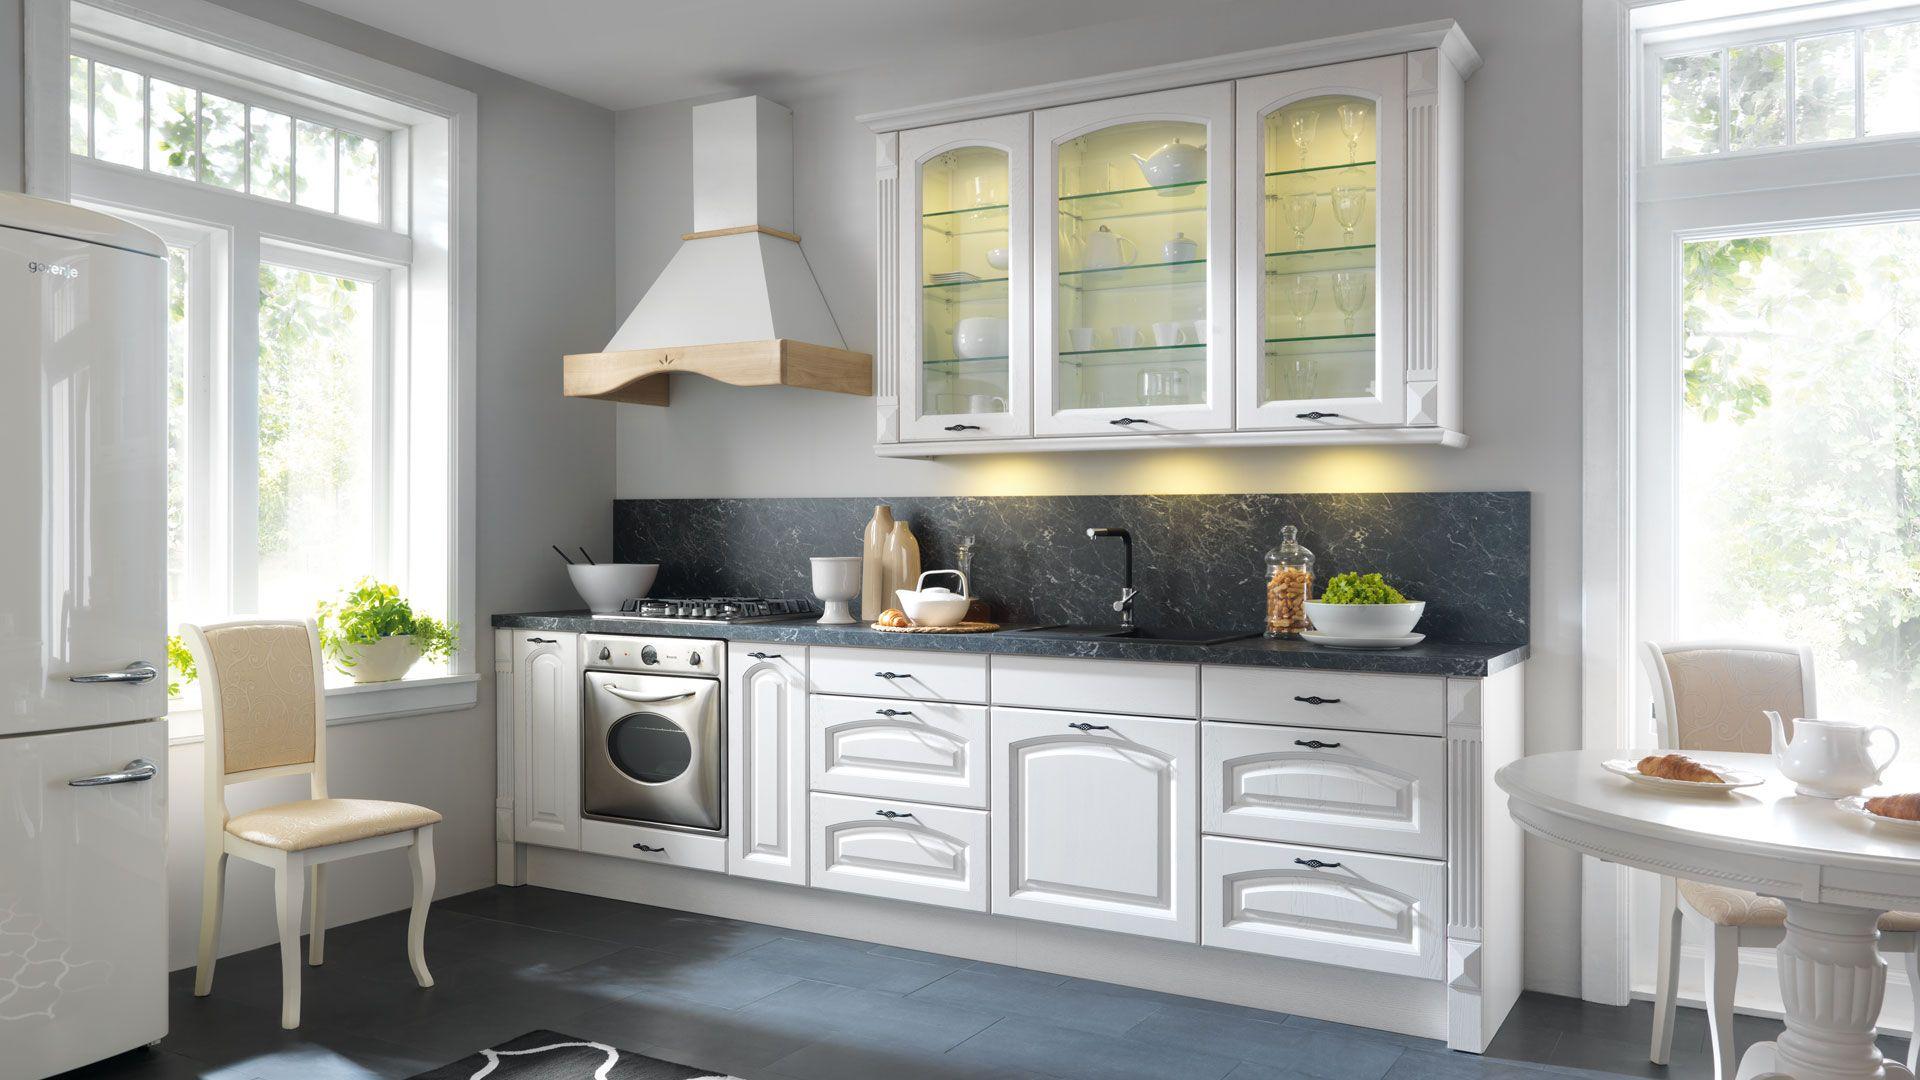 Kuchnia Royal Frigg to doskonała propozycja do niewielkich przestrzeni. Ciekawym elementem jest oświetlenie w witrynach, które w otwartej na salon kuchni, może stanowić dodatkowe źródło światła. Fot. BRW